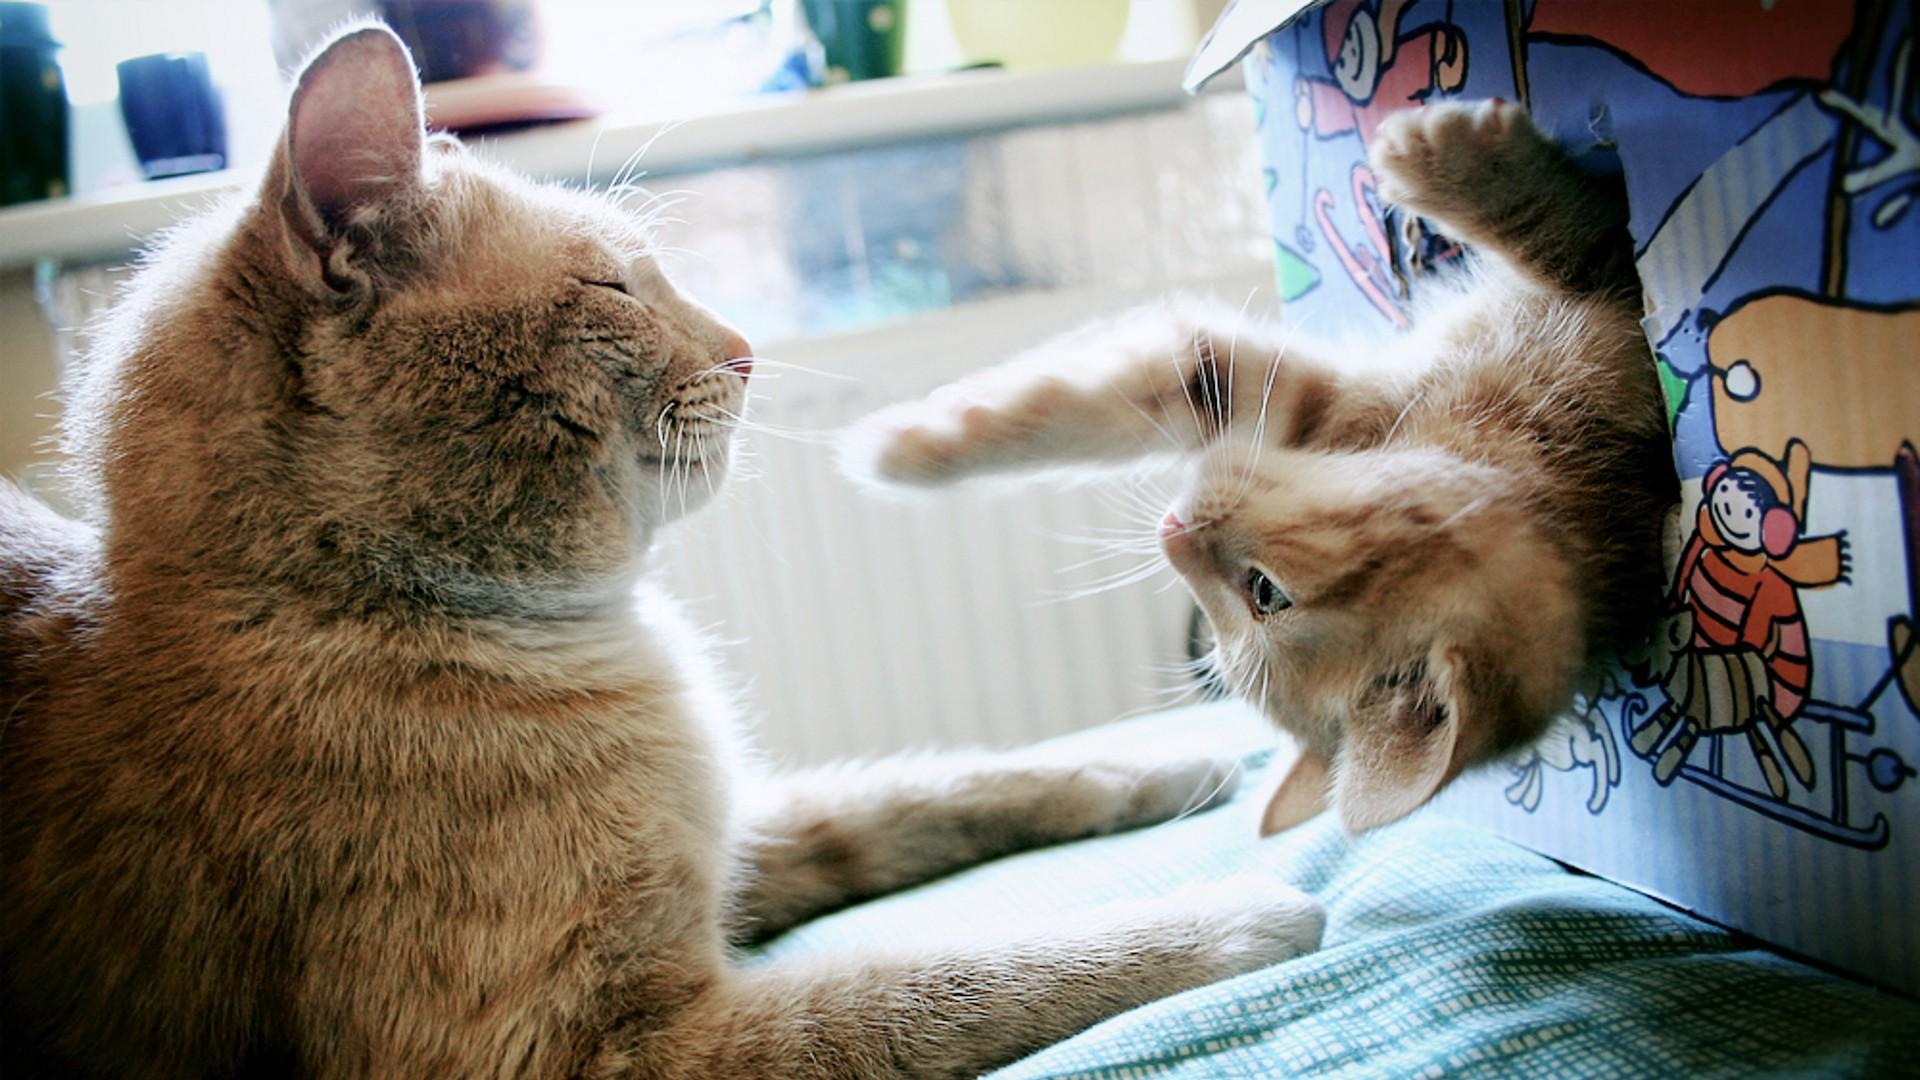 Resultado de imagen para gatos conociendo otros gatos